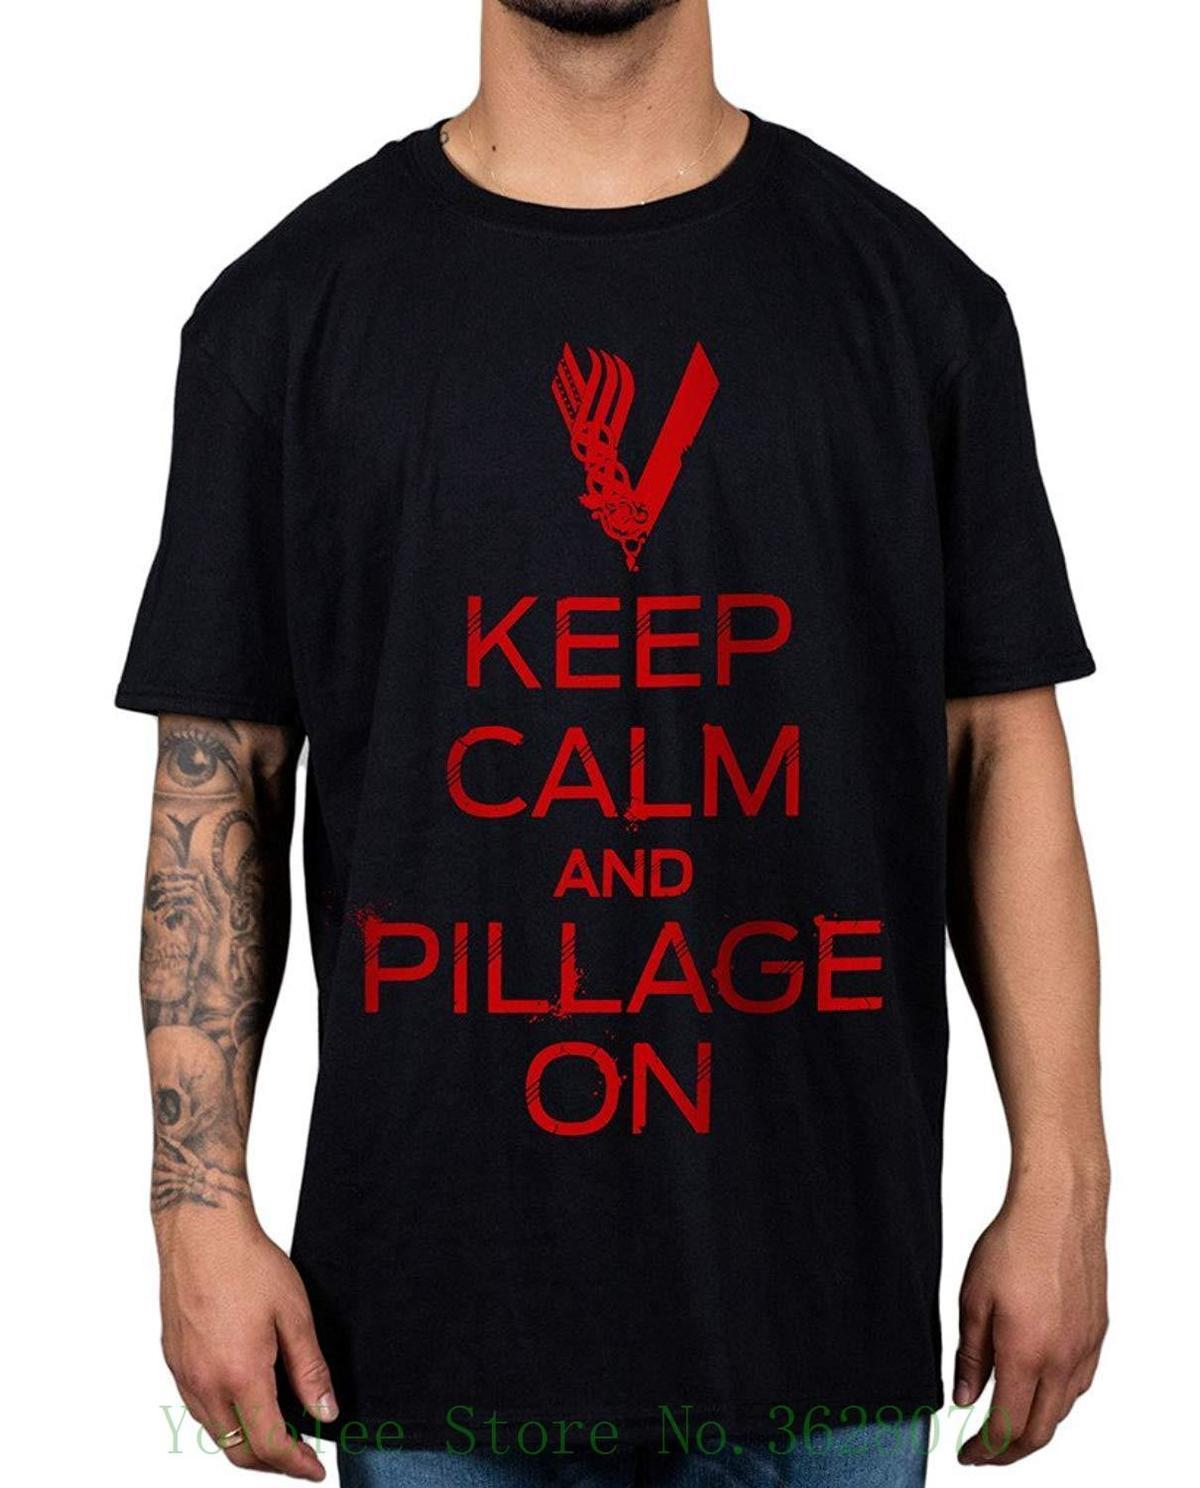 Großhandel Offizielle Wikinger Behalten Ruhe Und Plündern Auf Unisex T Shirt  Ragnar Floki Kurzarm Rundhals T Shirt Promotion Von Amesion45,  11.1 Auf De. 857859f642